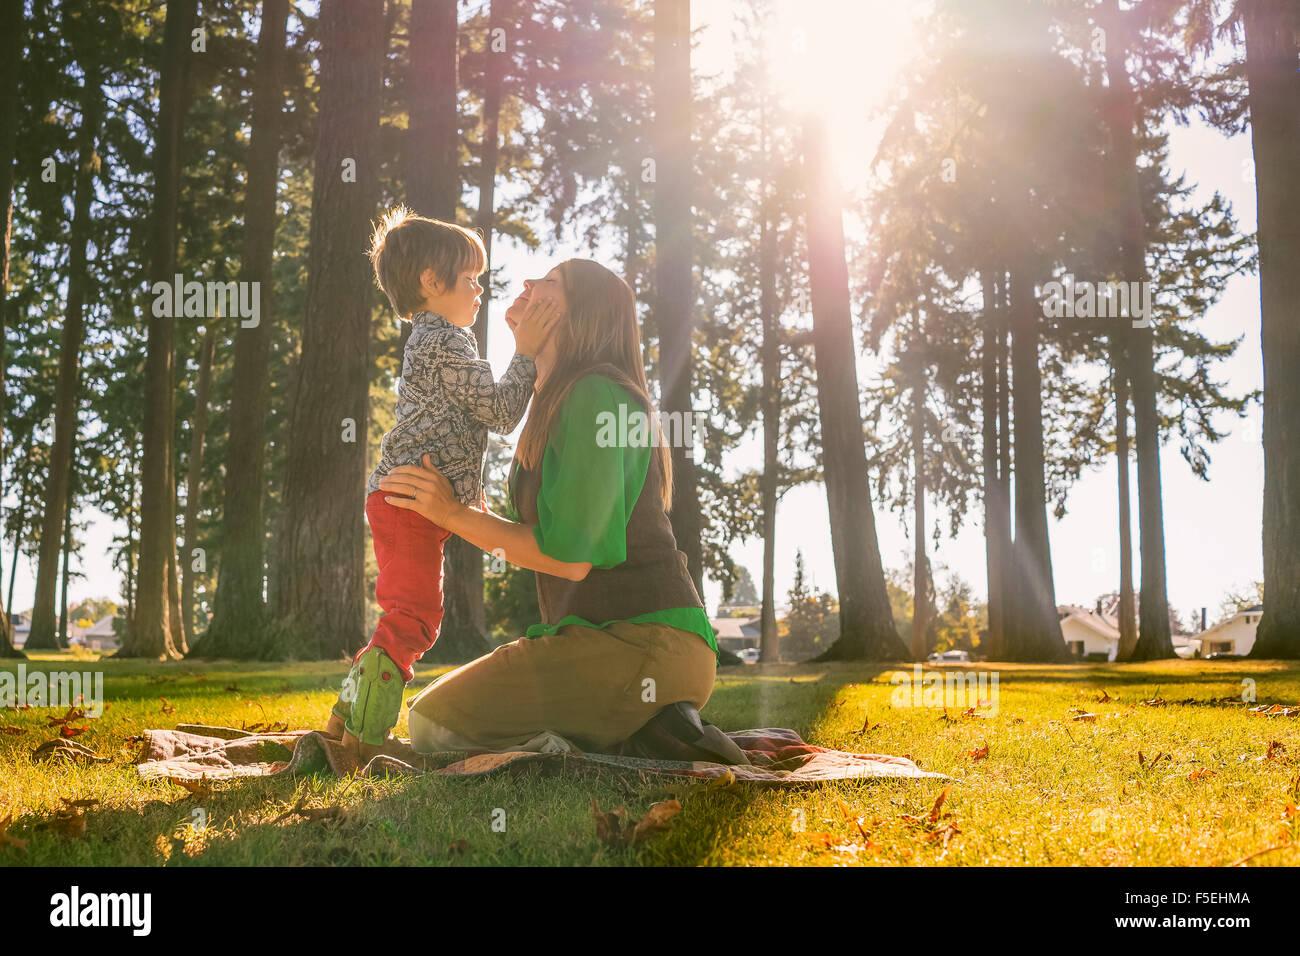 Madre e hijo tocando con caras sonrientes Imagen De Stock